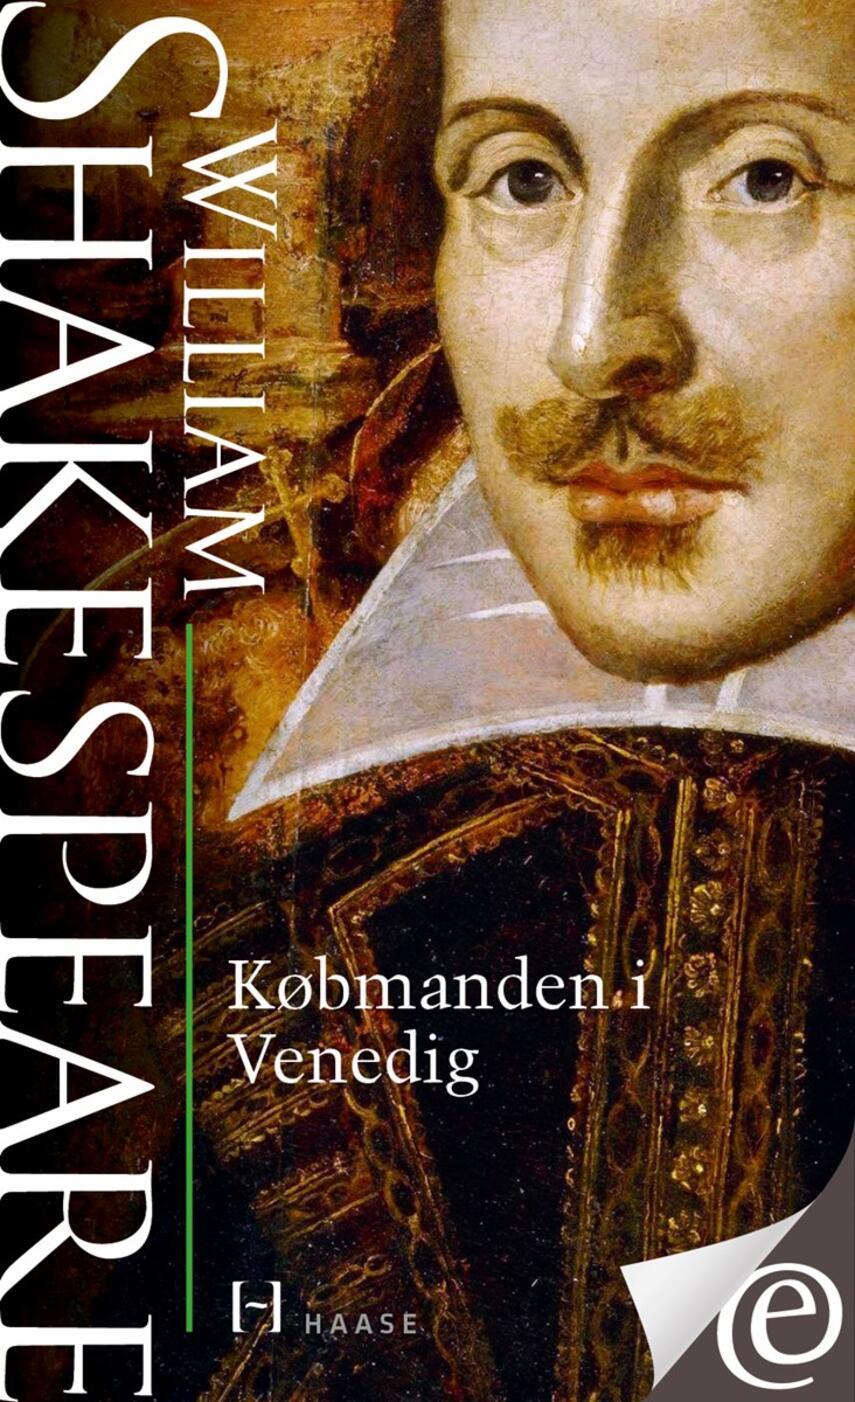 William Shakespeare: Købmanden i Venedig (Ved Anne Chaplin Hansen)